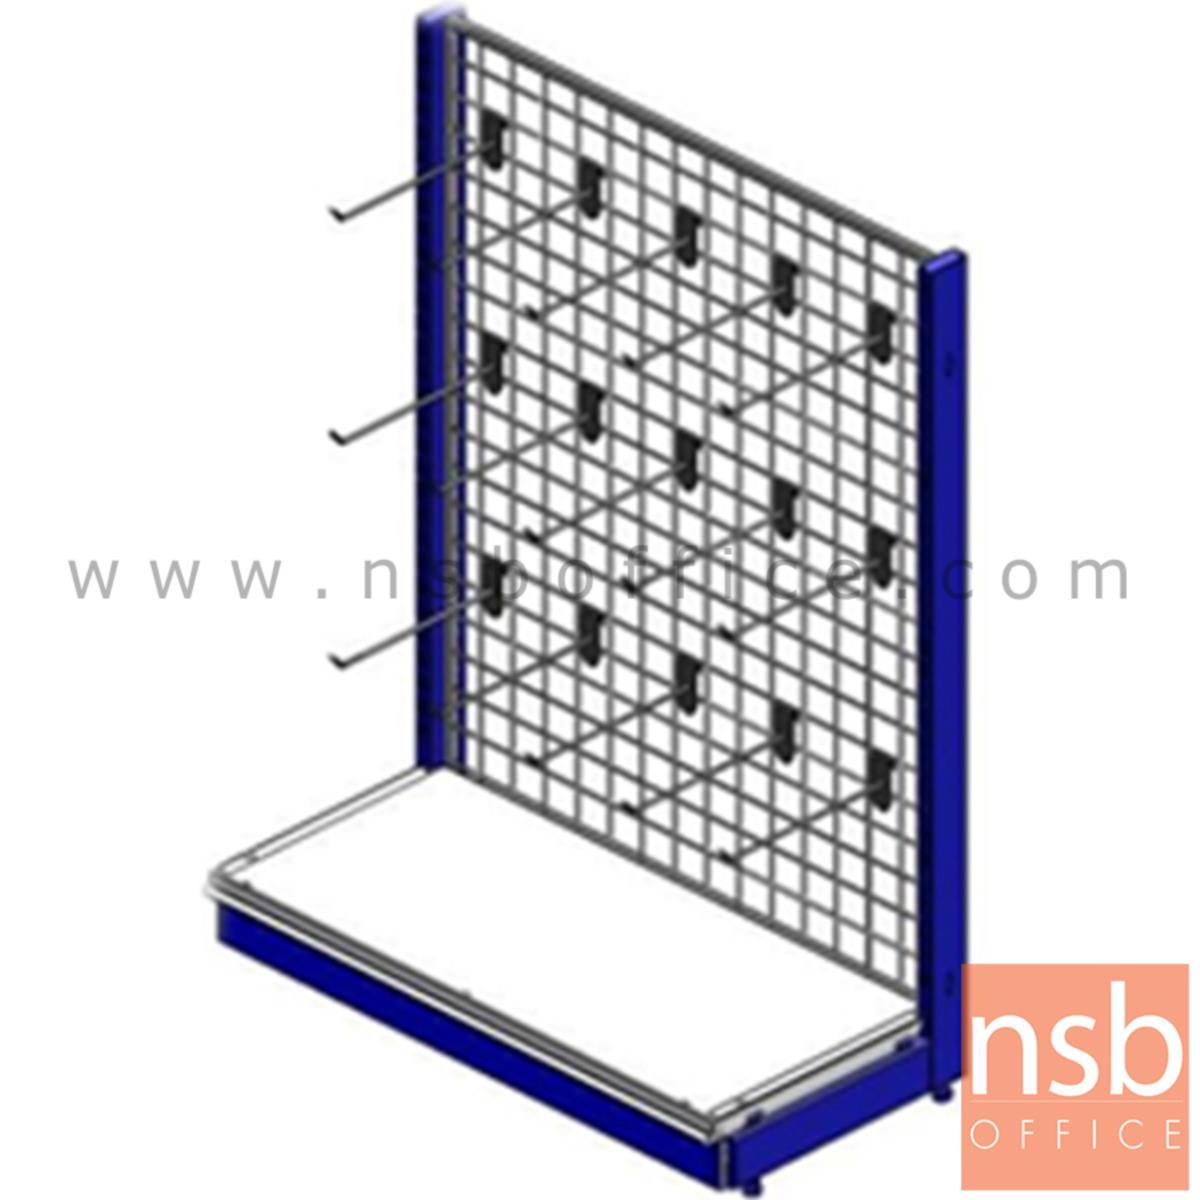 D06A016:ชั้นวางสินค้า 1 หน้าแบบฮุกร์แขวนตาข่าย รุ่น KANDERSTEG (คันเดอร์ชเตค) 40D cm.